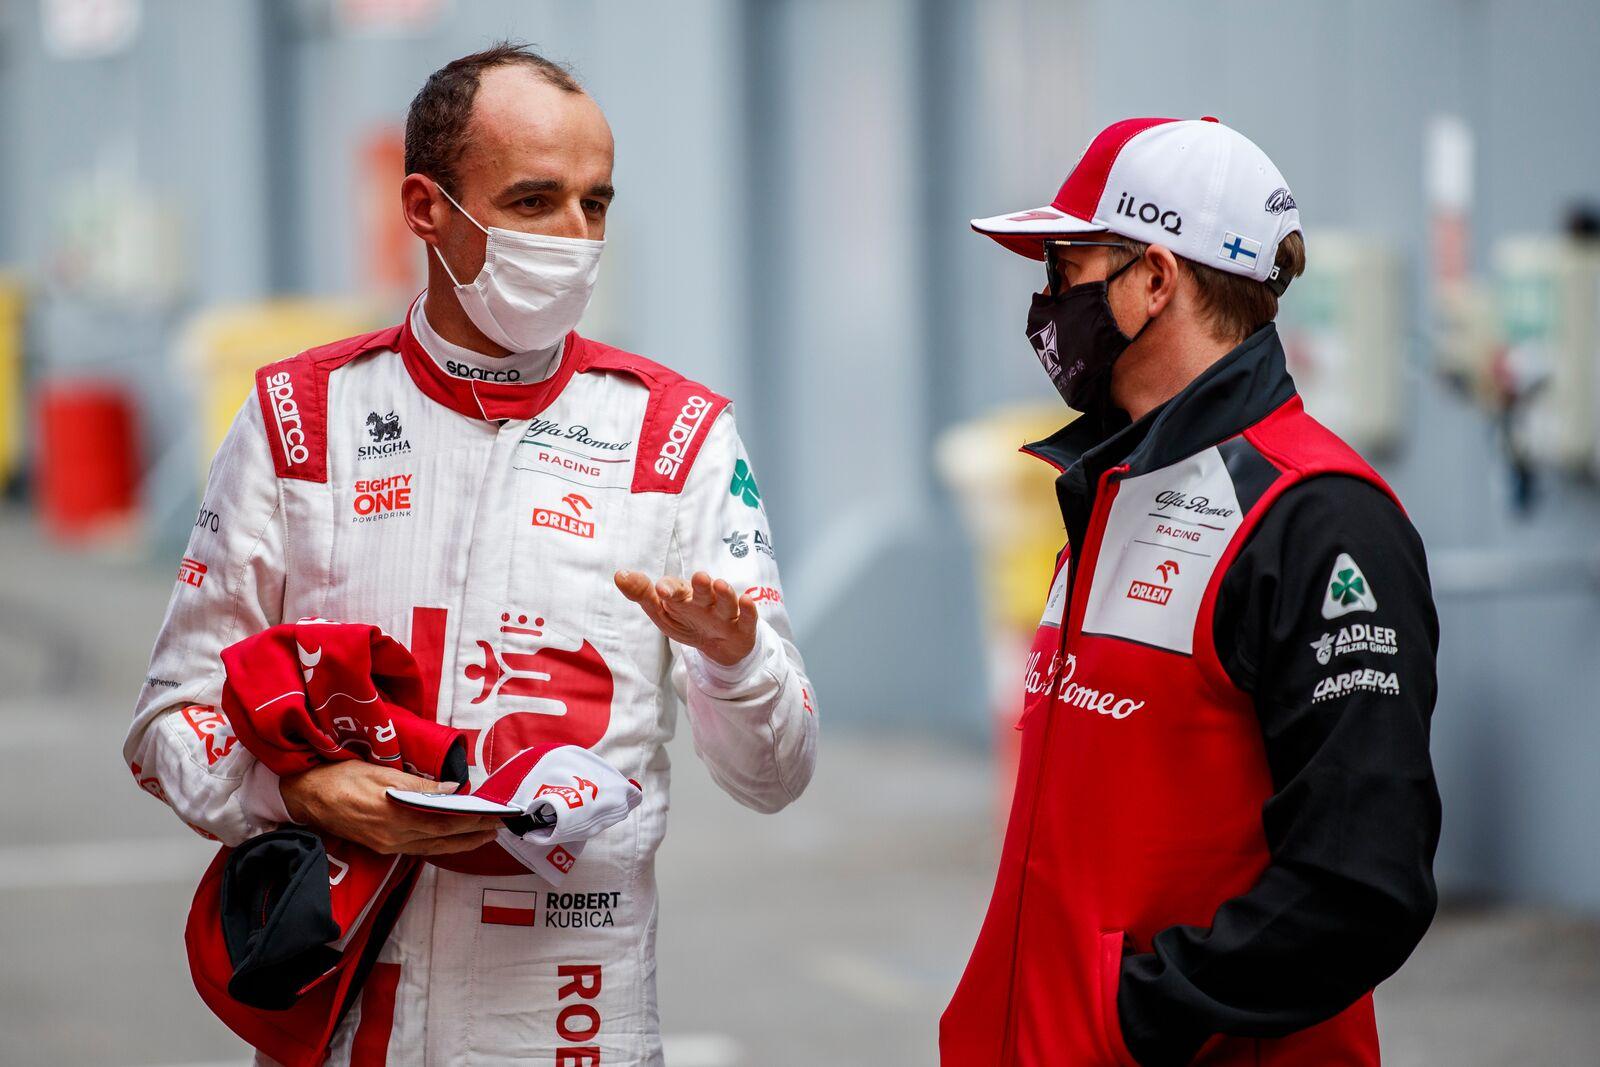 Itt vajon már az első tapasztalatokról faggatta Räikkönen Kubicát?<br /><br />Fotó:Xavi Bonilla / DPPI (Alfa Romeo Racing Media)<br /><br />